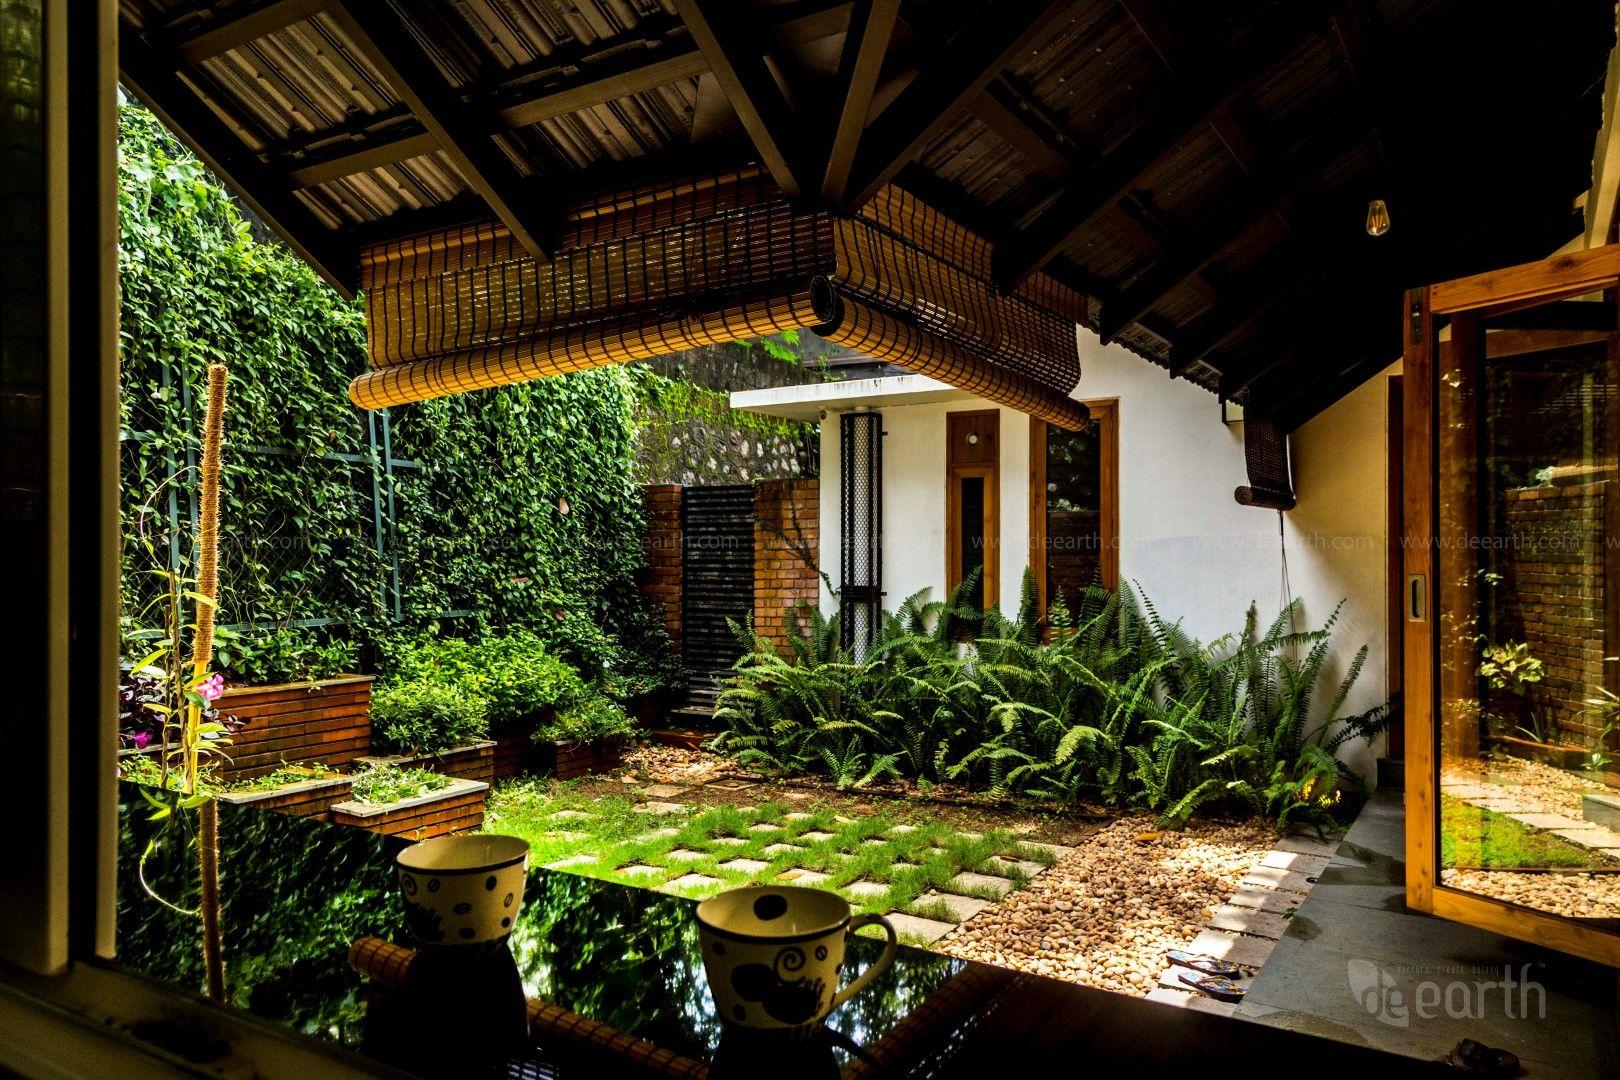 The Garden House Courtyard design, Urban home decor